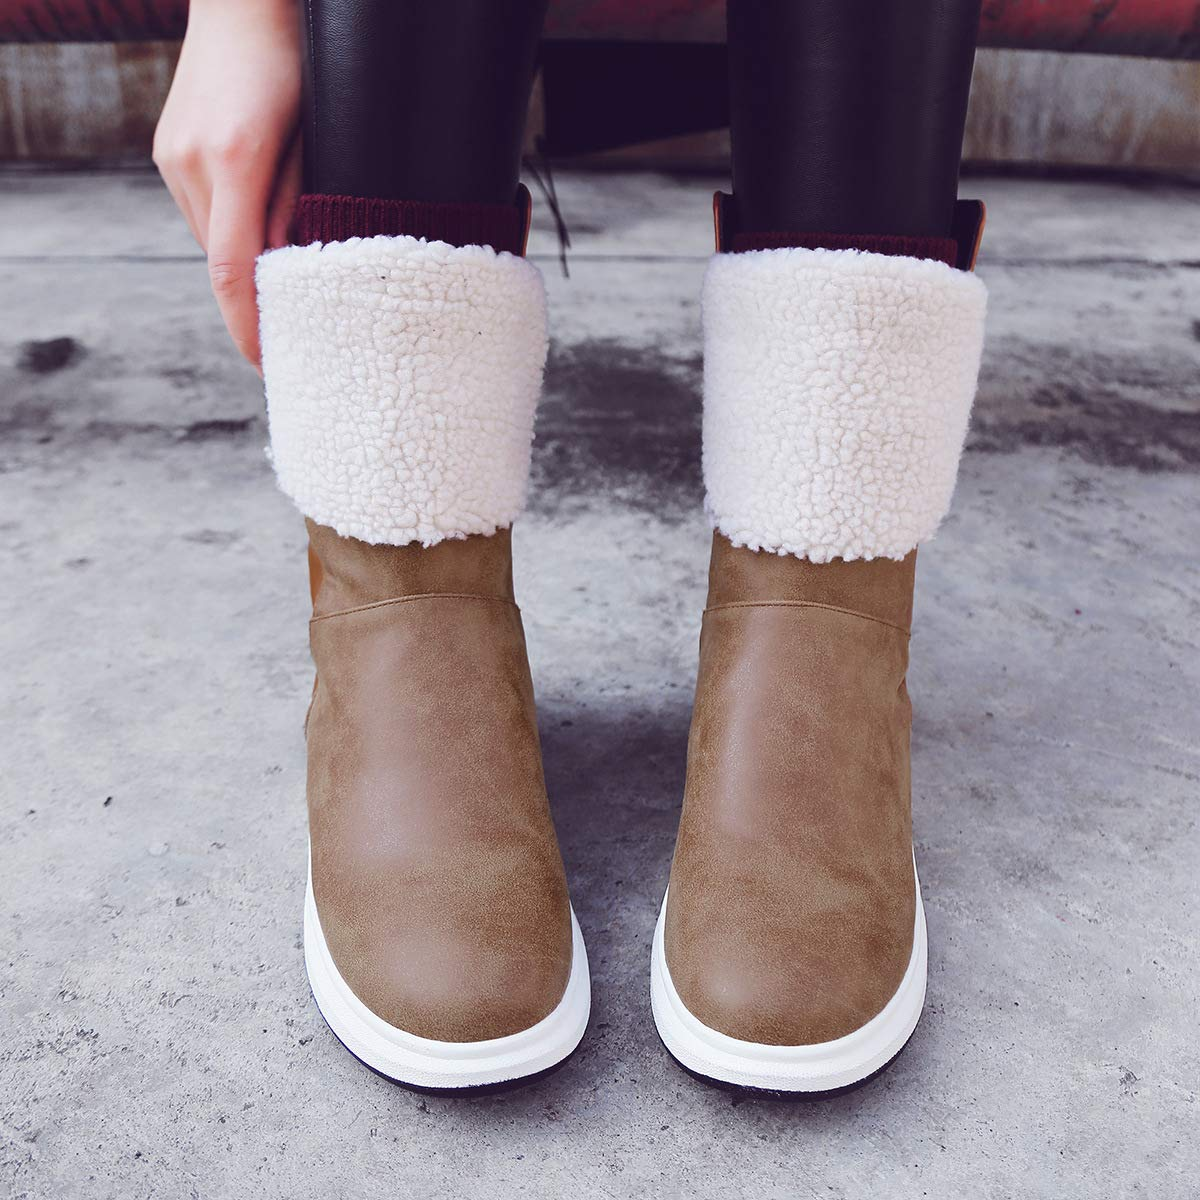 Wpew-Damens's Stiefel Schneeschuhe Größe der Frauen Runde Kopfkeile mit Winter warme Damen Schnee Stiefel